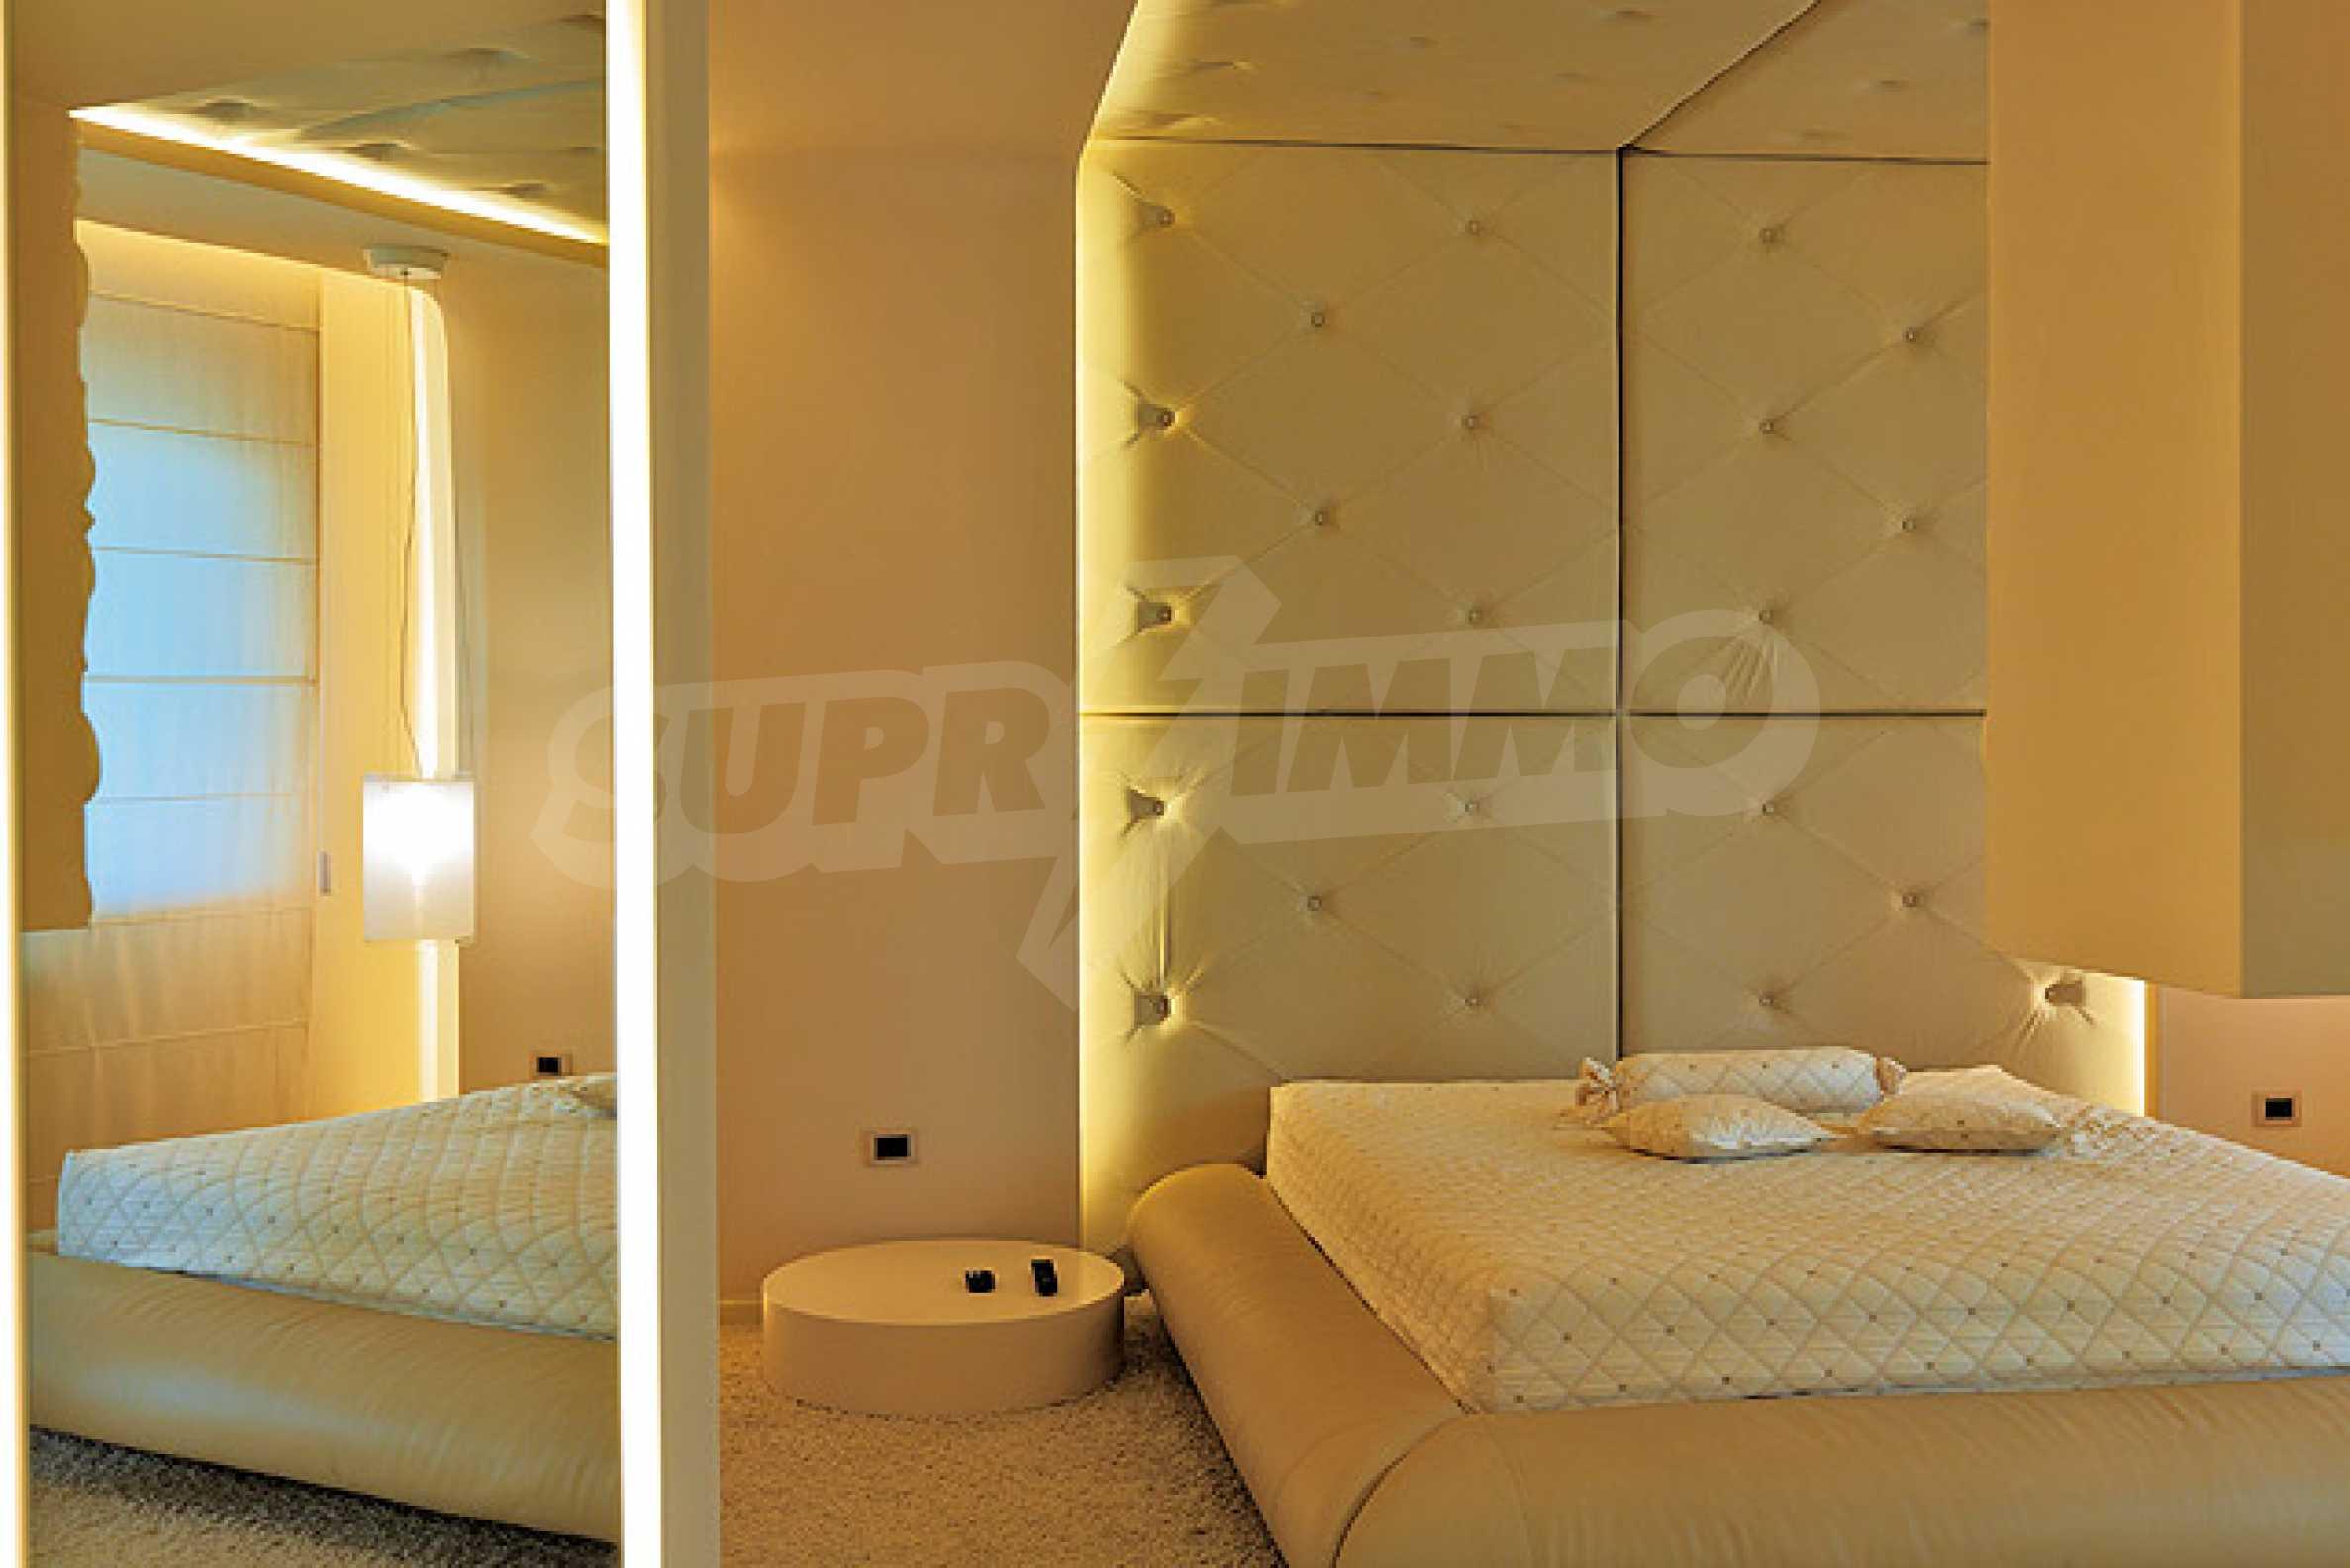 Луксозно обзаведен двустаен апартамент 17